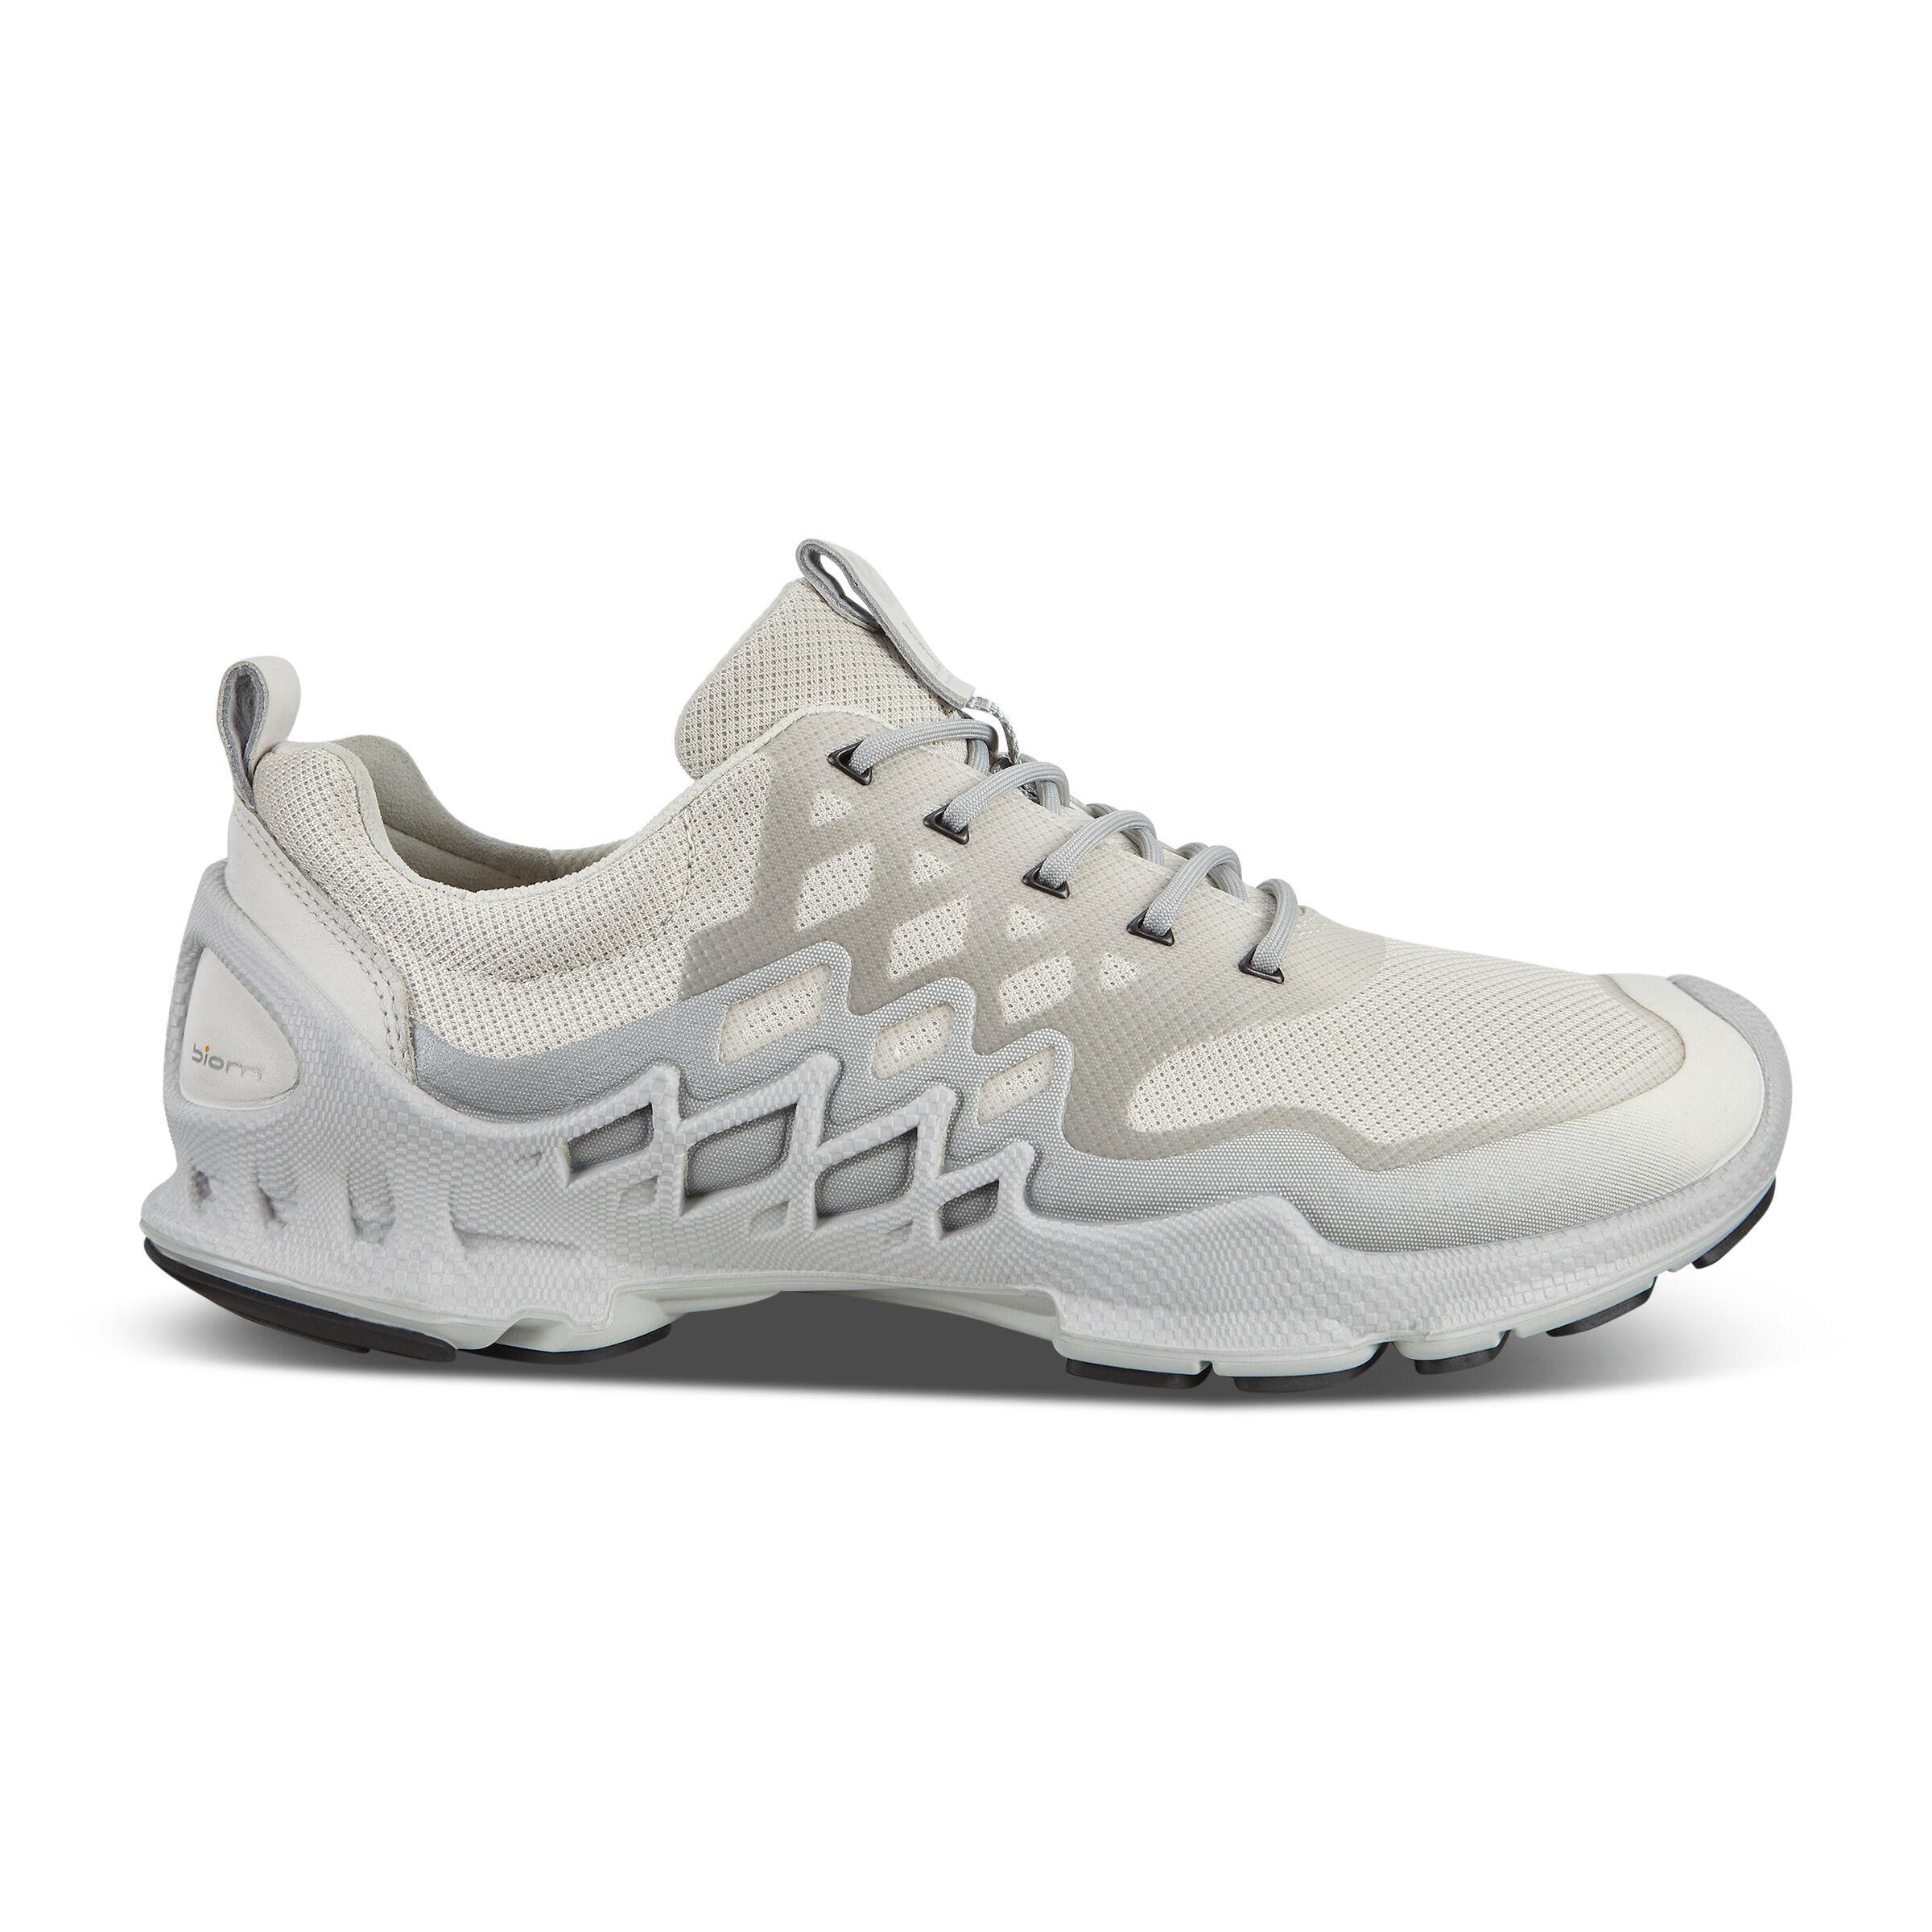 에코 ECCO BIOM AEX Mens LOW Two-Tone Shoes,WHITE/BUFFED SILVER